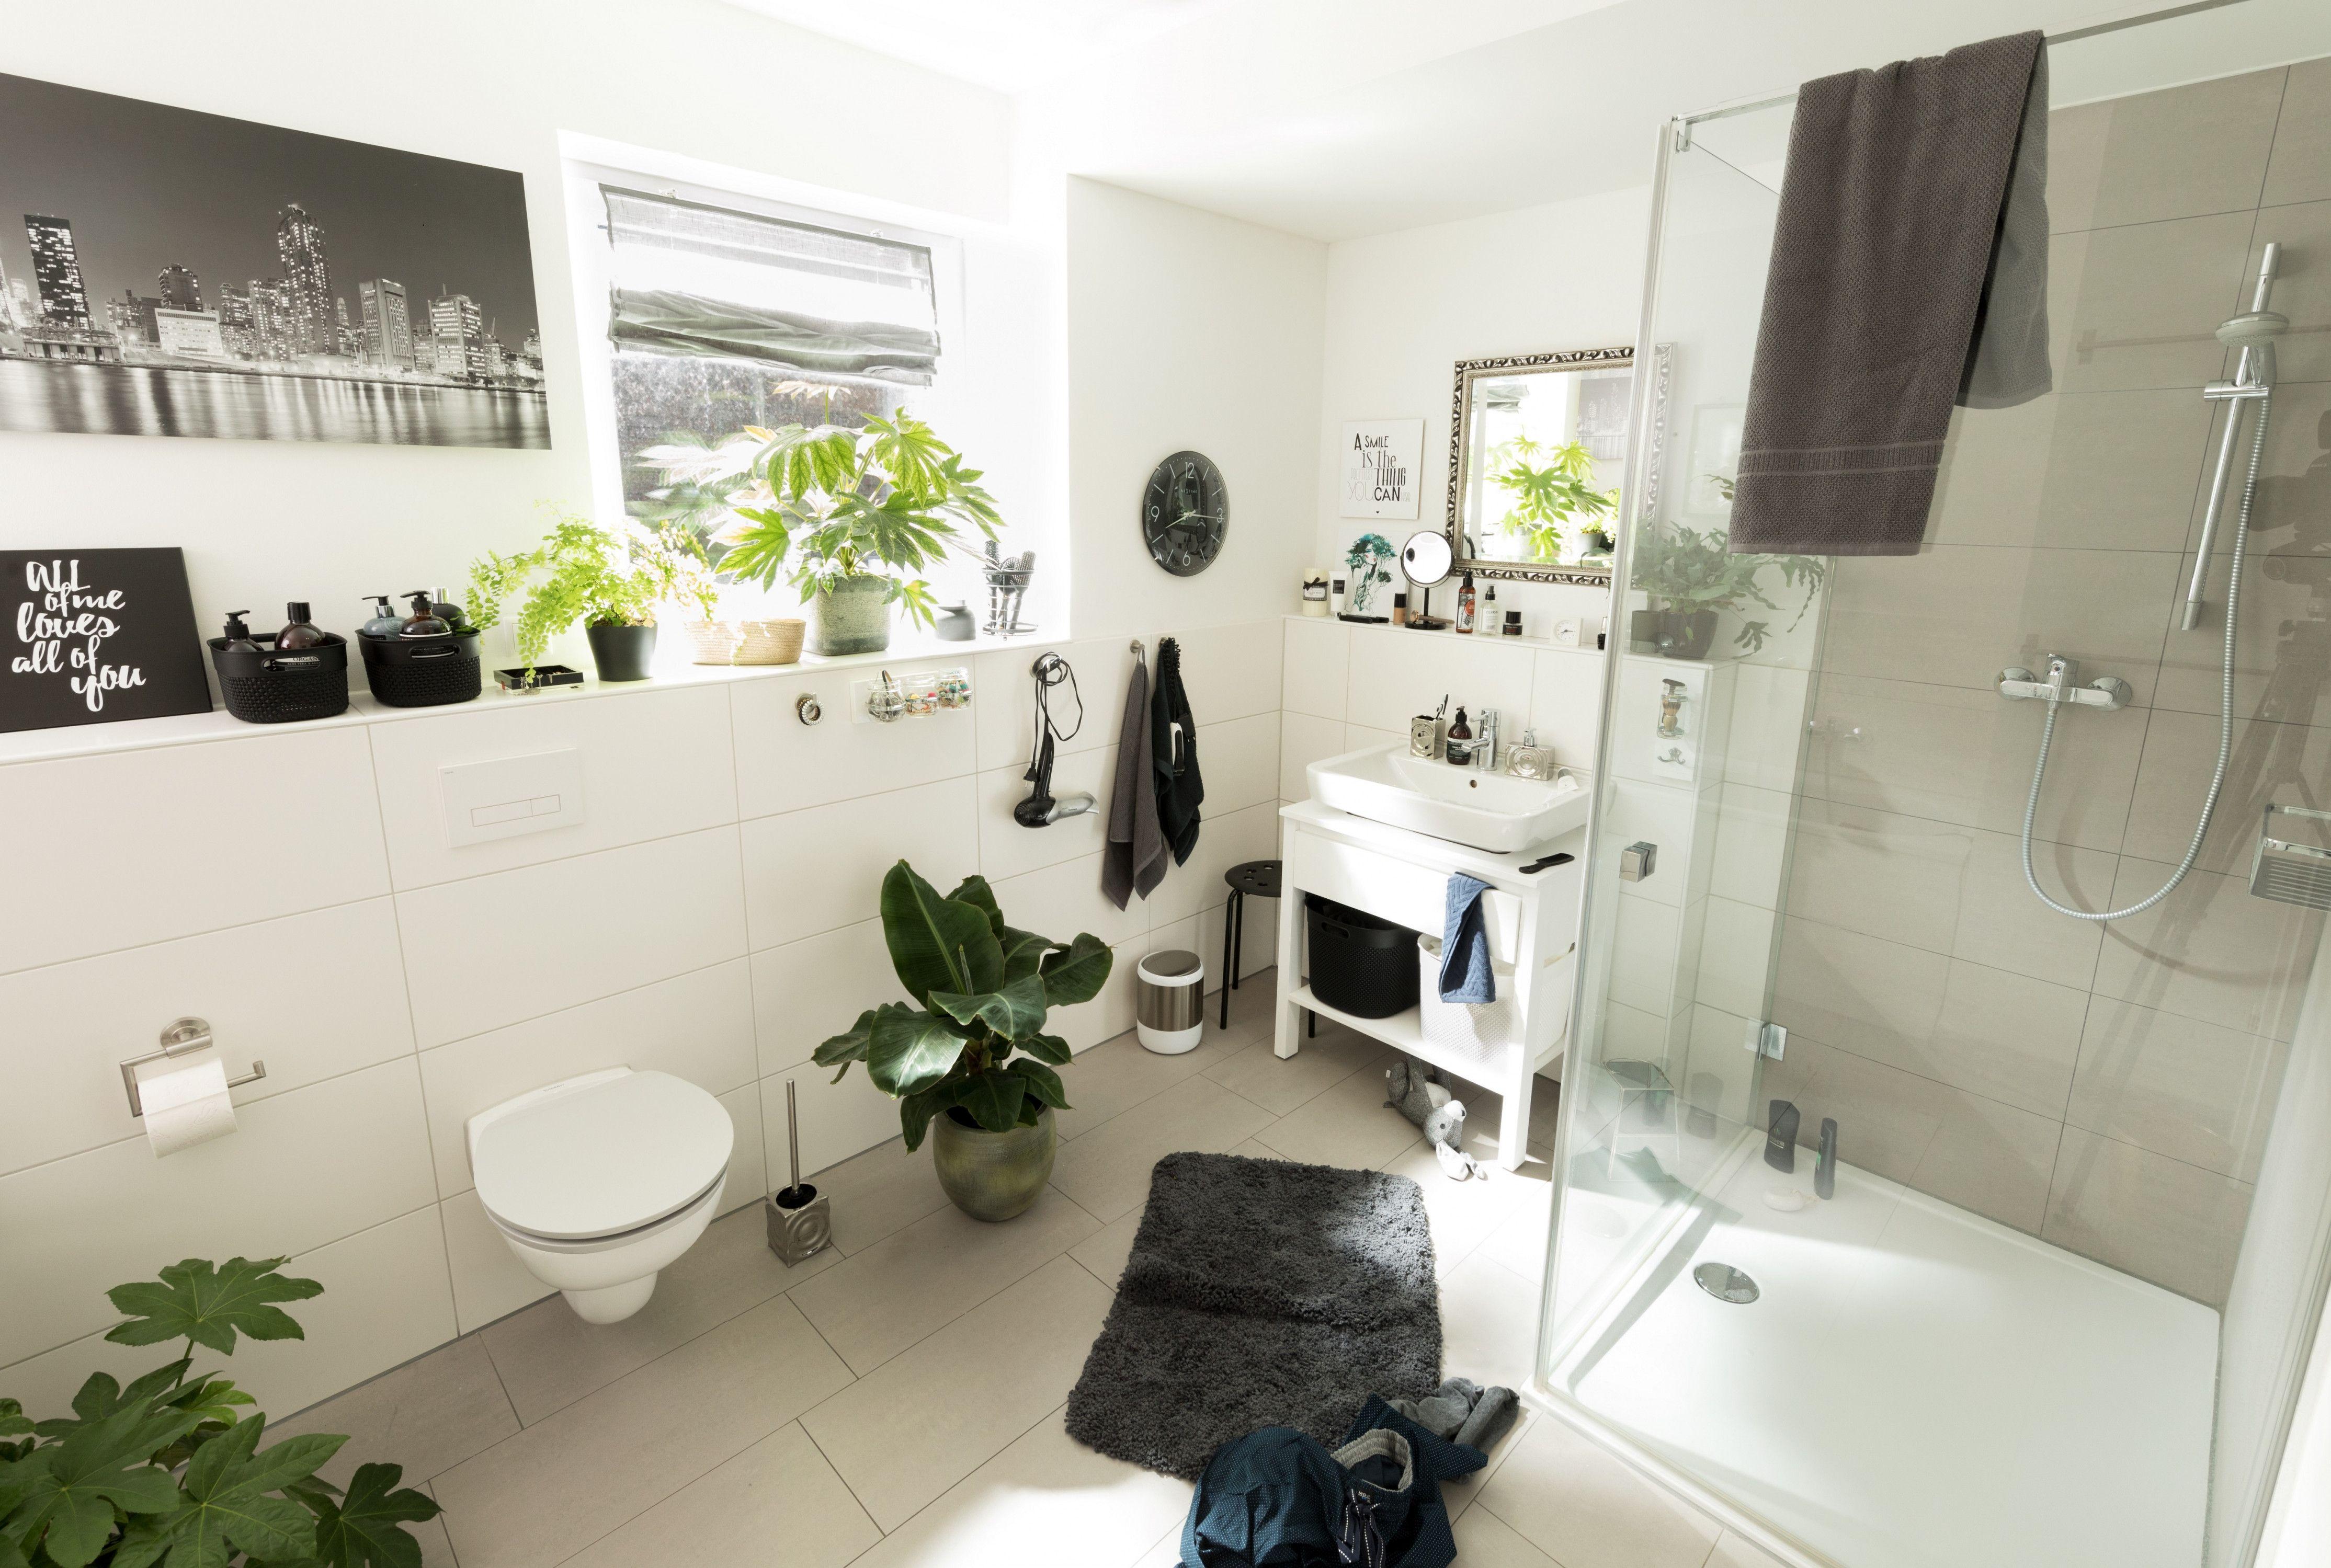 Badezimmer Dekorieren Wohlfuhlatmosphare Im Bad Obi Von Badezimmer Verschonern Dekoration Photo Badezimmer Bad Einrichten Badgestaltung